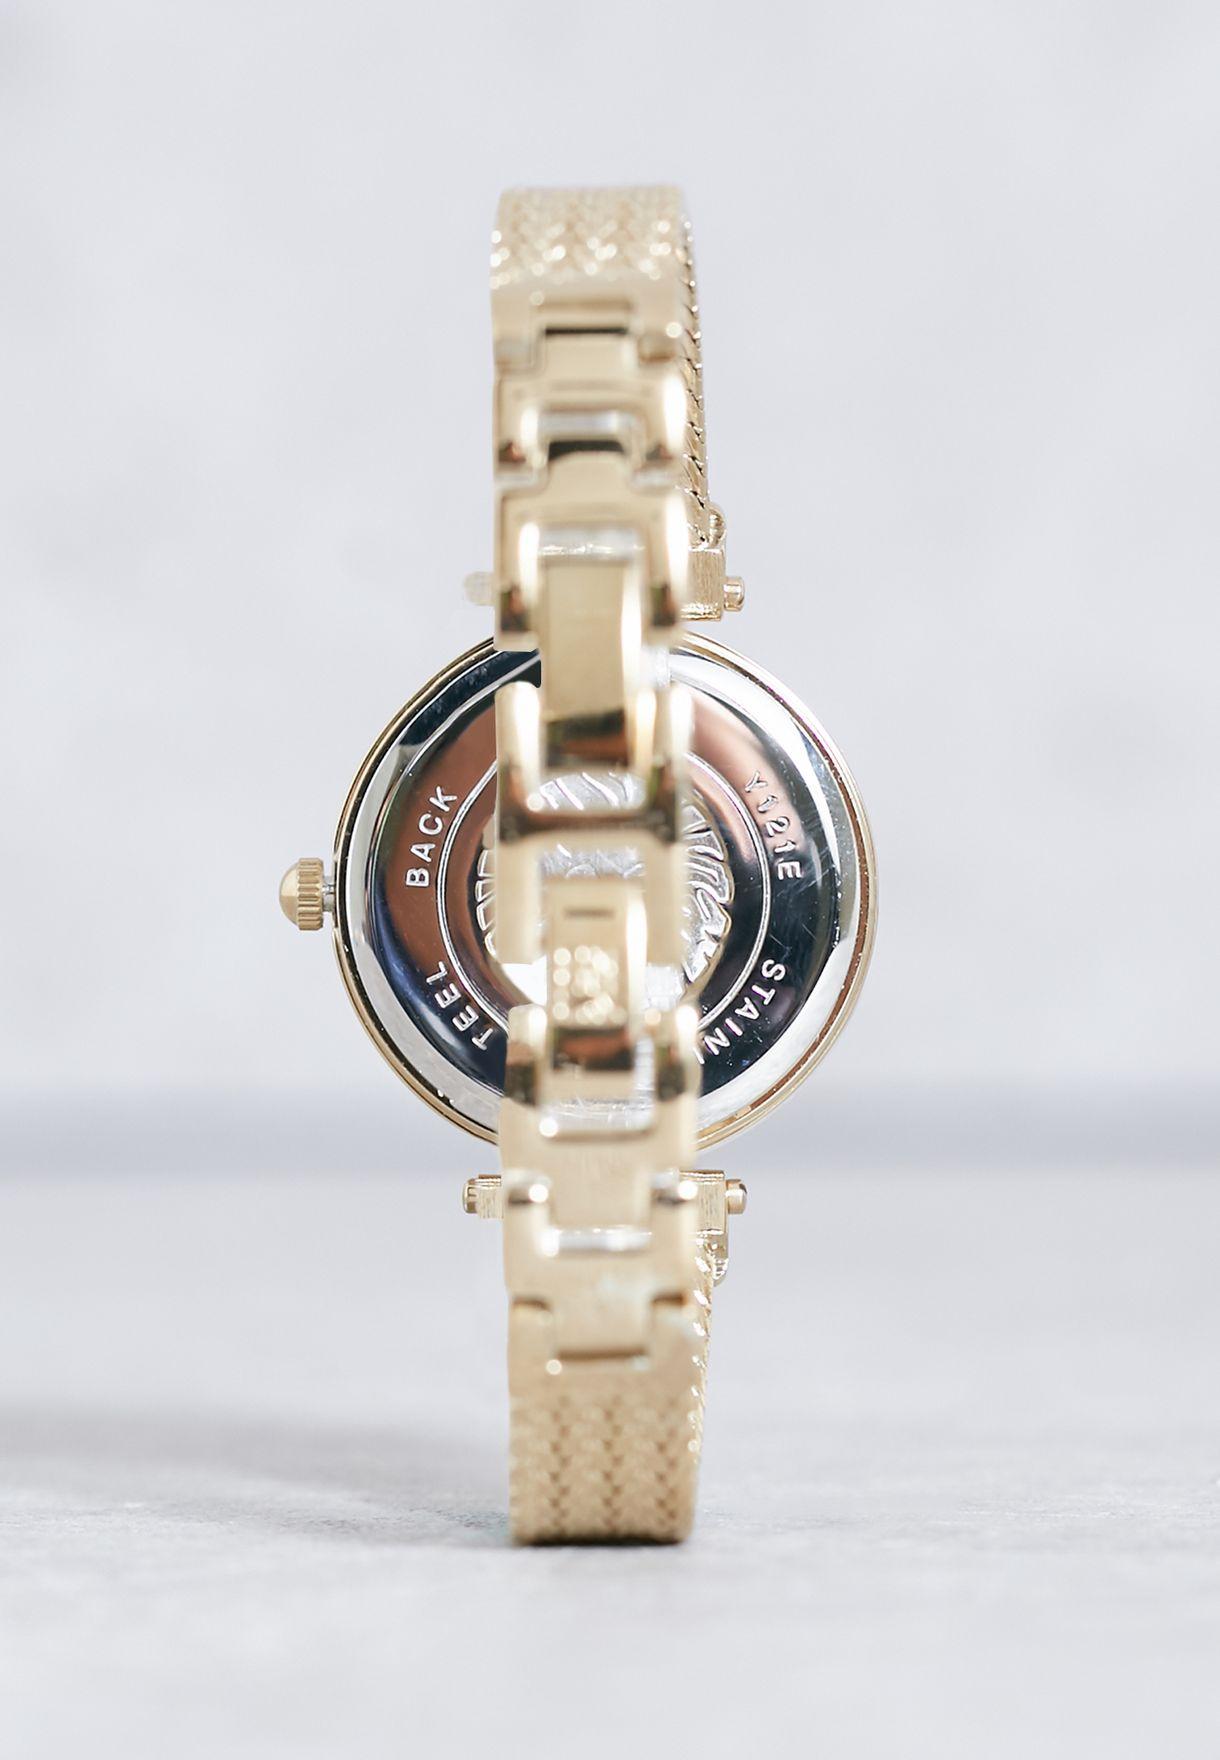 Analogue Watch